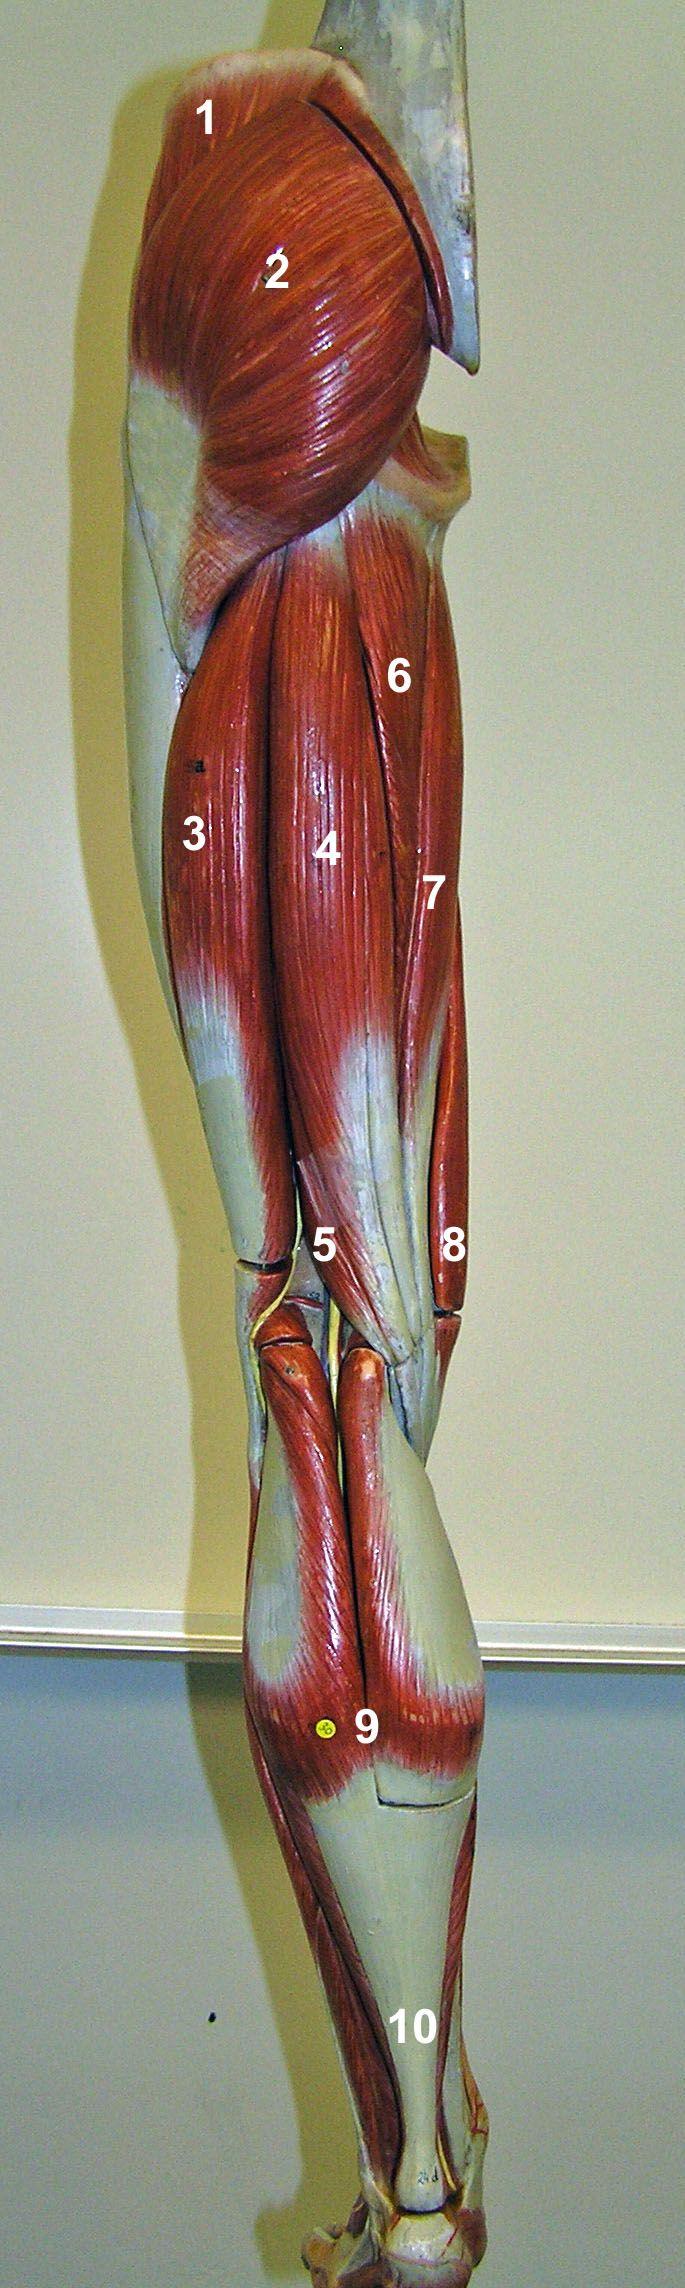 2 - Gluteus maximus 3 - Biceps femoris 4 - Semitendinosus 5 ...